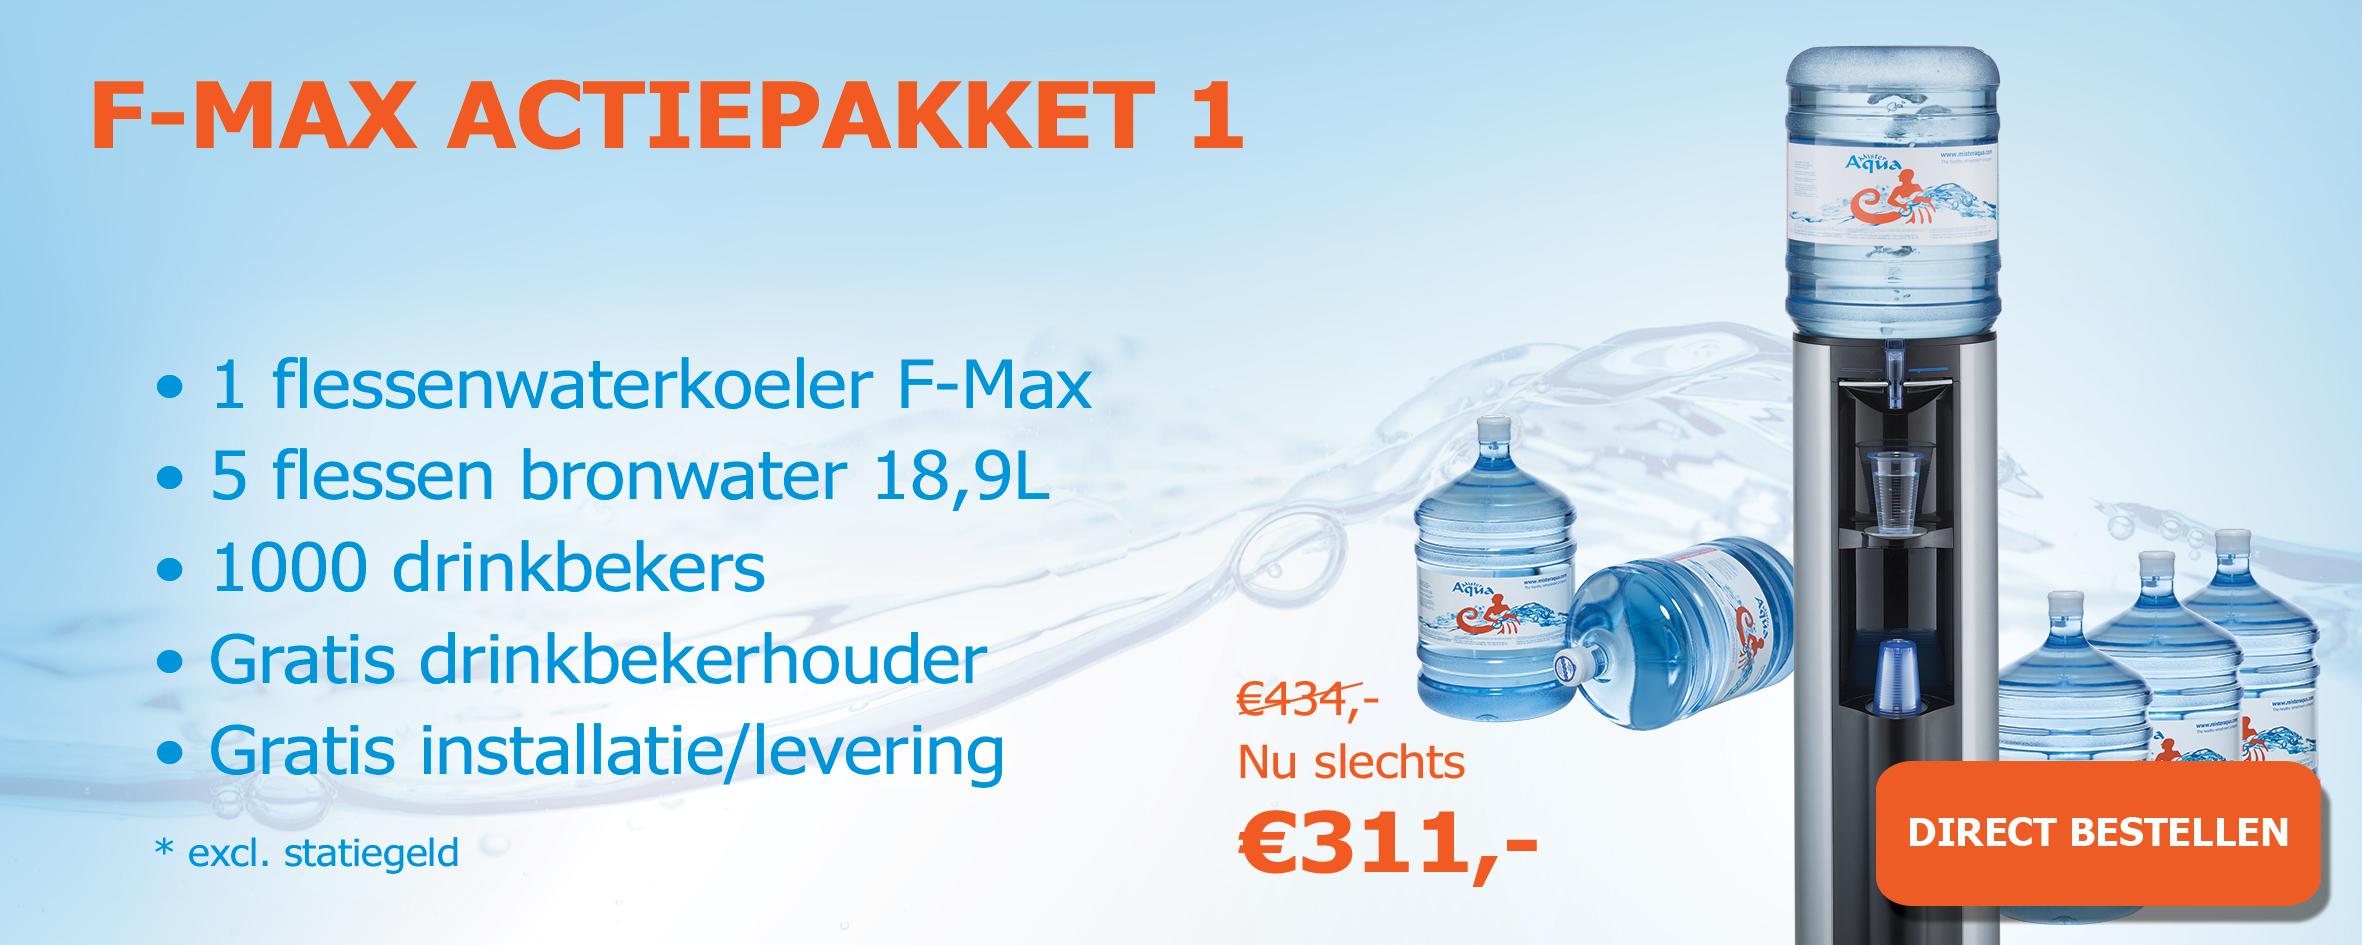 F-Max-pakket-1